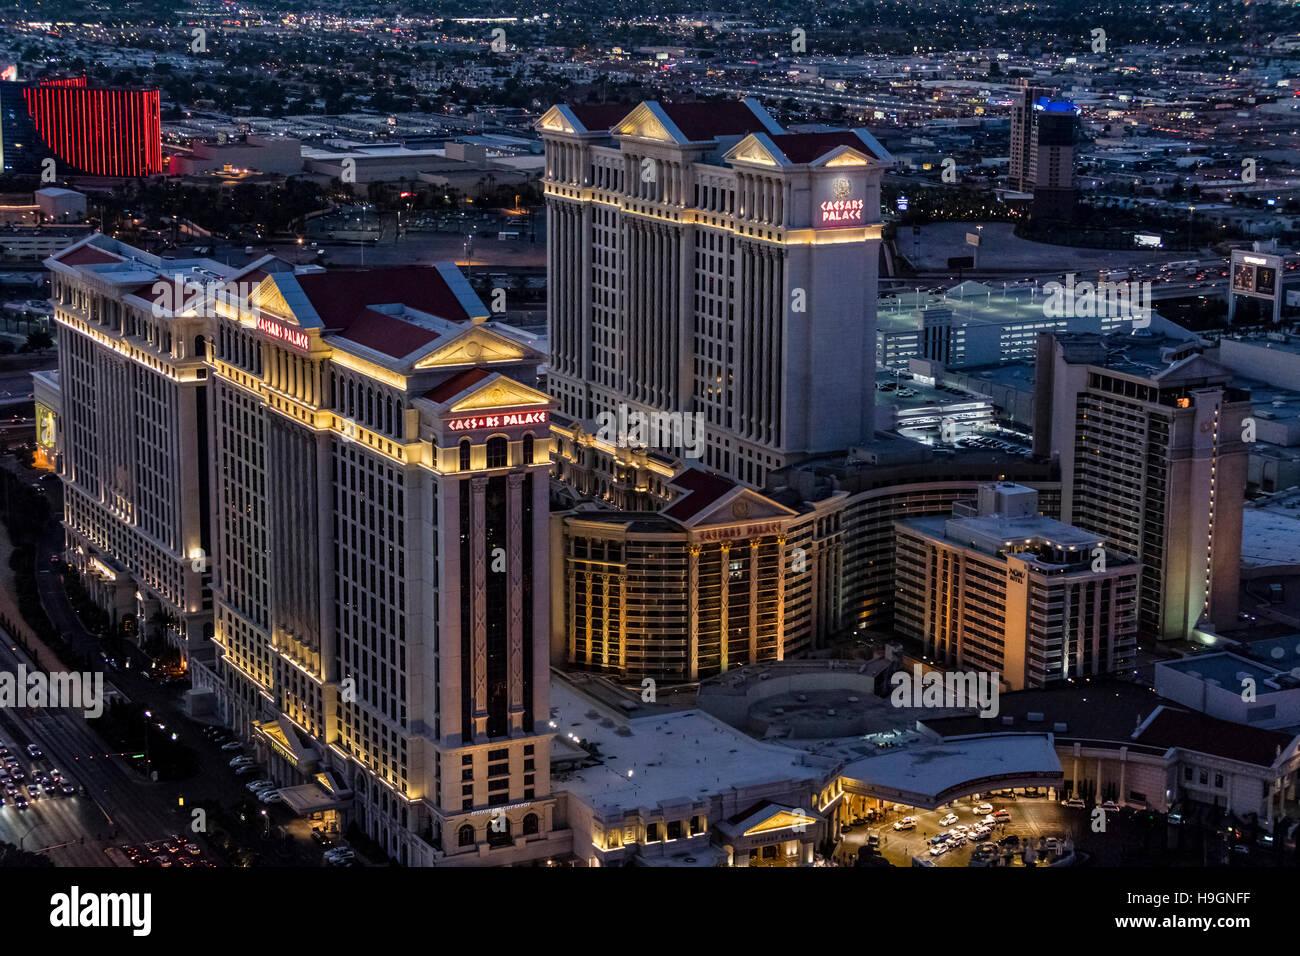 Palace Hotel Las Vegas Nevada